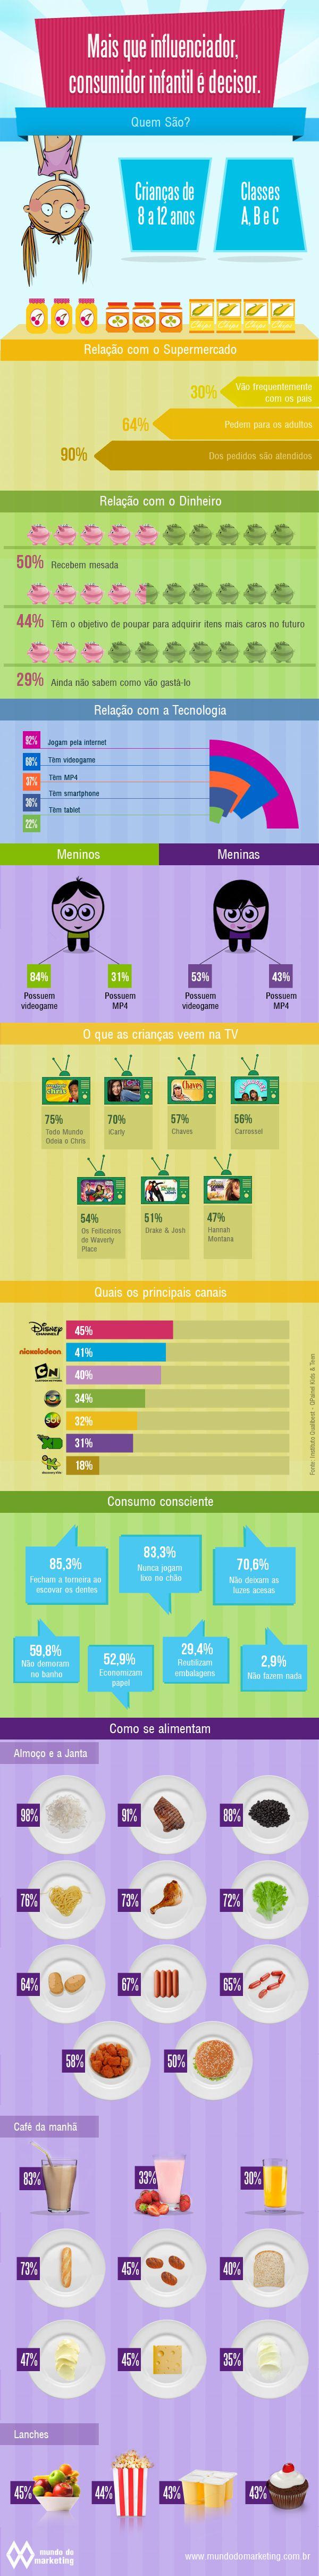 Mais que influenciador, consumidor infantil é decisor | Infográficos | Portal | Mundo do Marketing